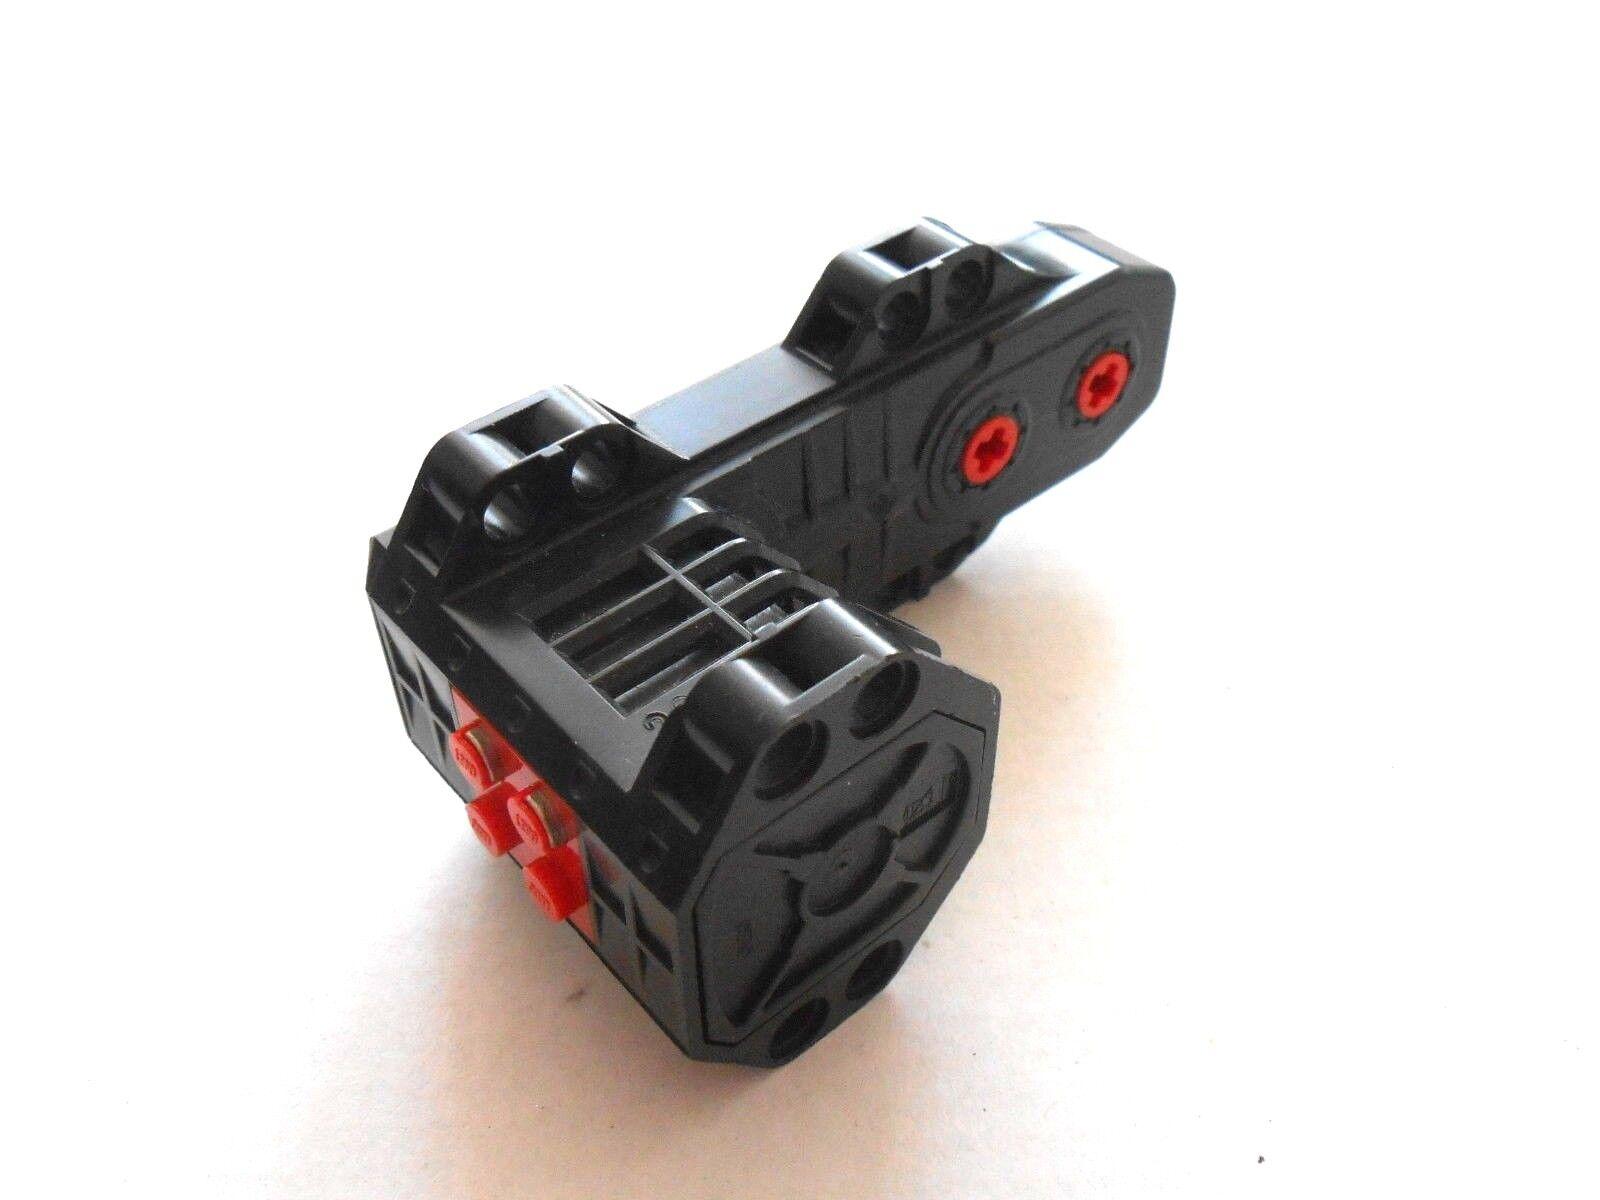 LEGO Power moteur 9 v 8287 pour 8421 8376 8475  8366 5292   TOP    nouveaux produits nouveautés